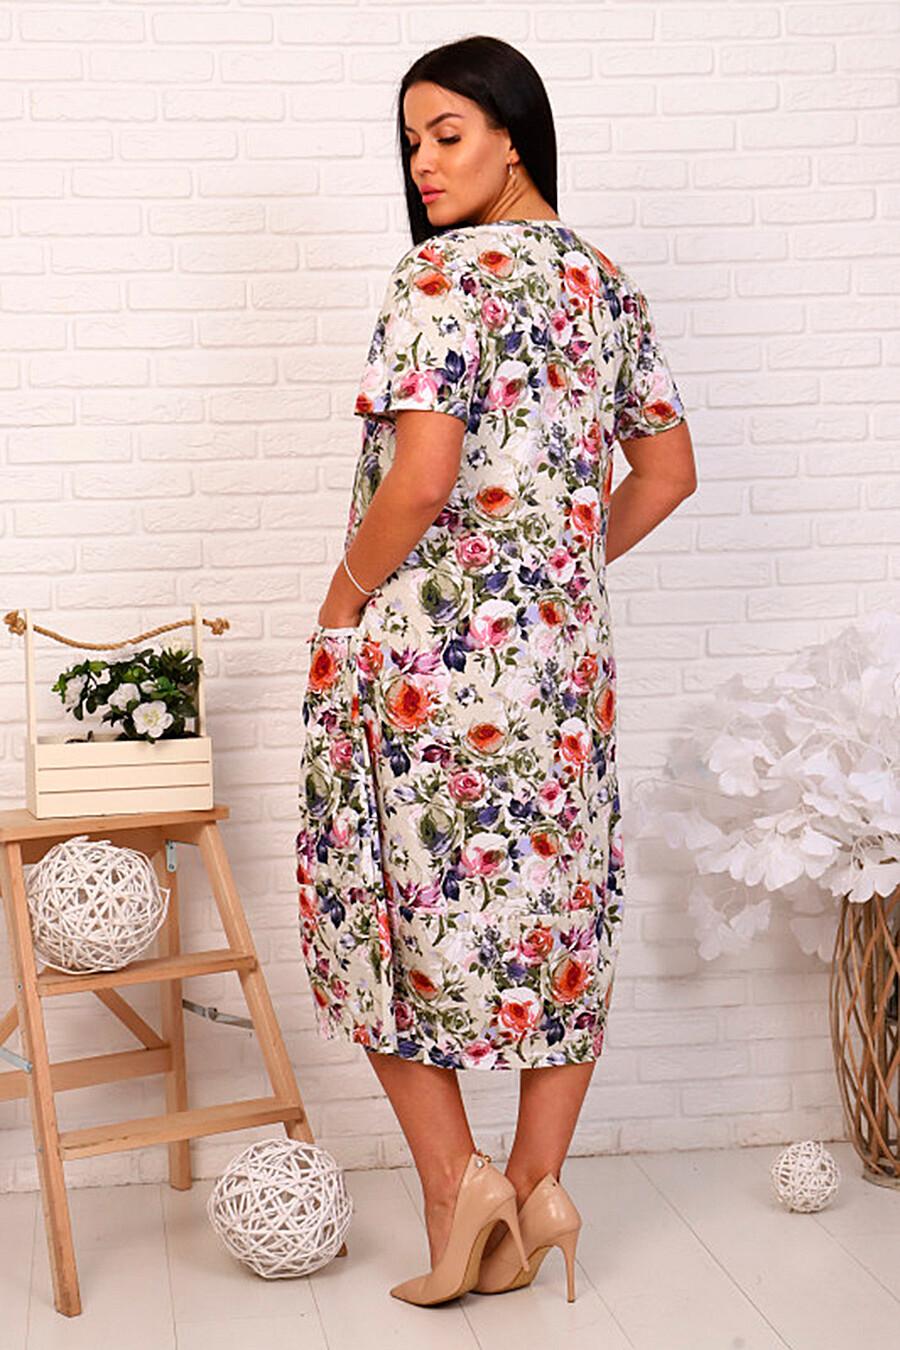 Платье для женщин SOFIYA37 668361 купить оптом от производителя. Совместная покупка женской одежды в OptMoyo